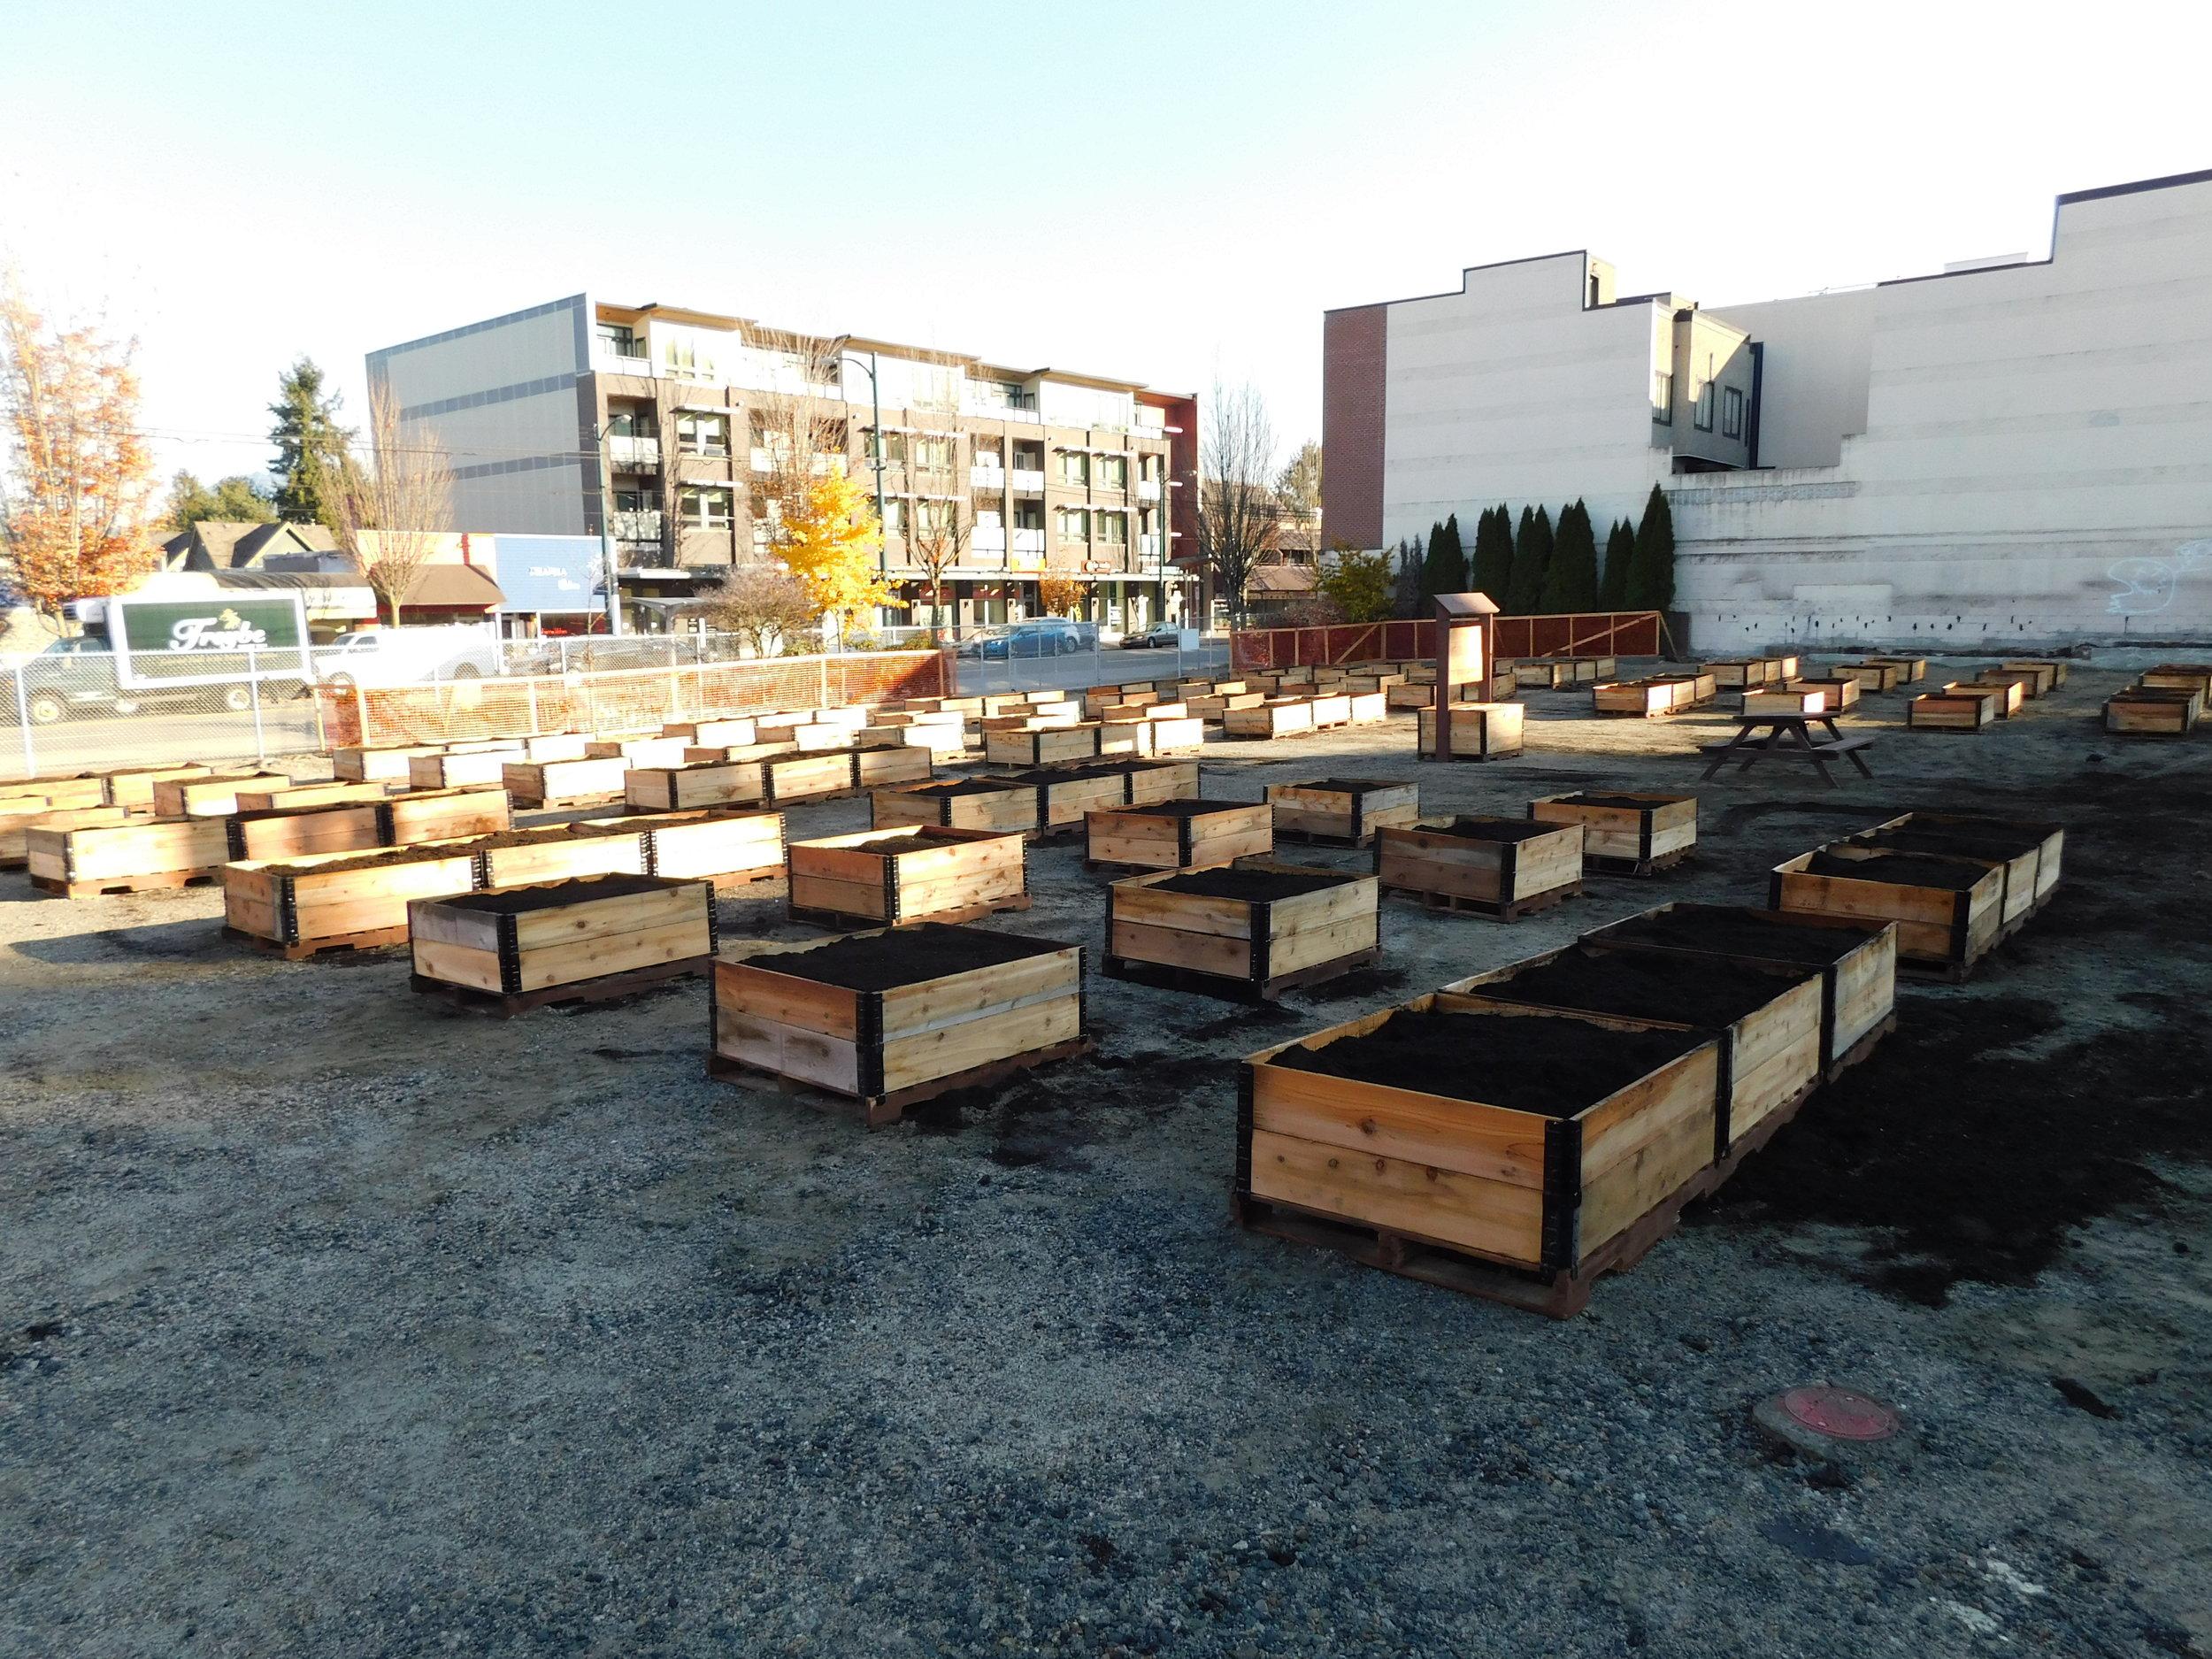 Broadway_Alma_Vancouver_Community_Garden_Builders-0002.JPG